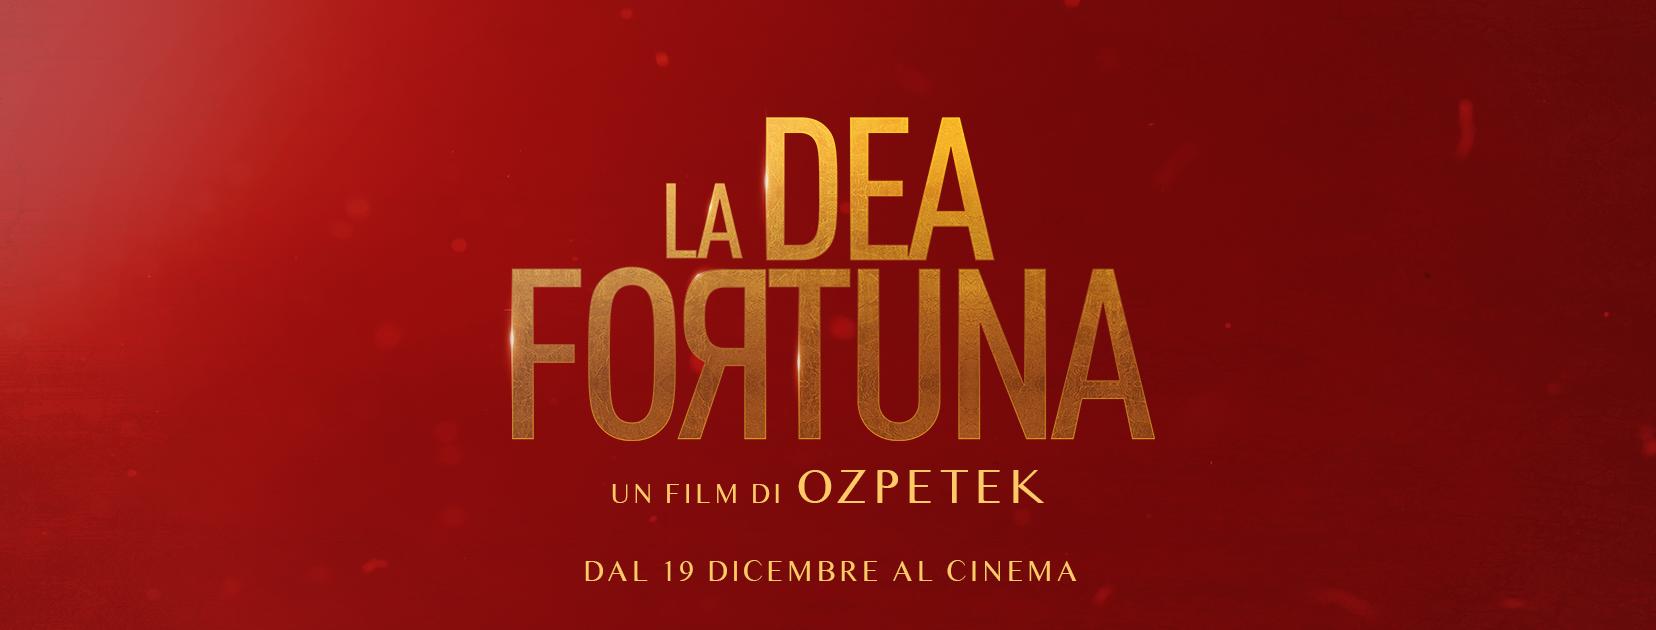 La Dea Fortuna - Colonna Sonora Film di Ferzan Ozpetek